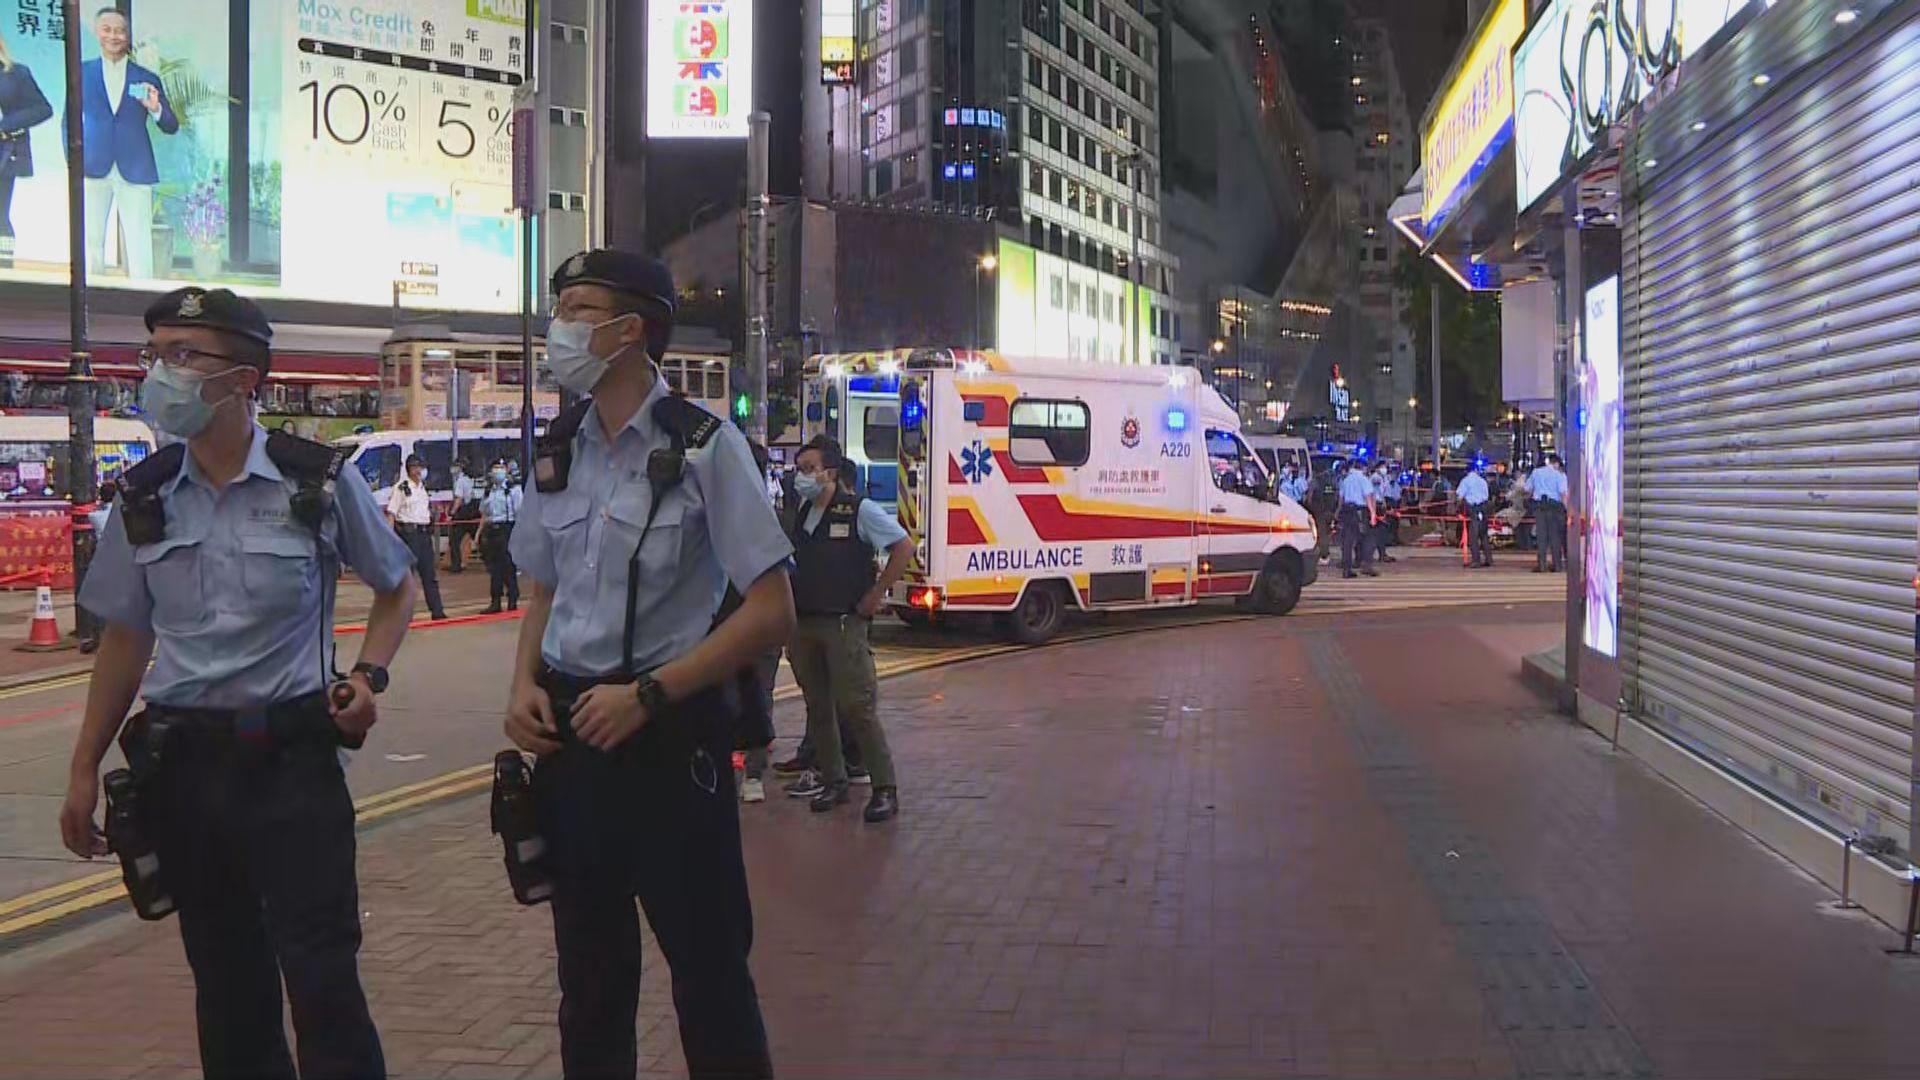 一警員銅鑼灣被刀襲擊受傷 疑兇自殘搶救不治